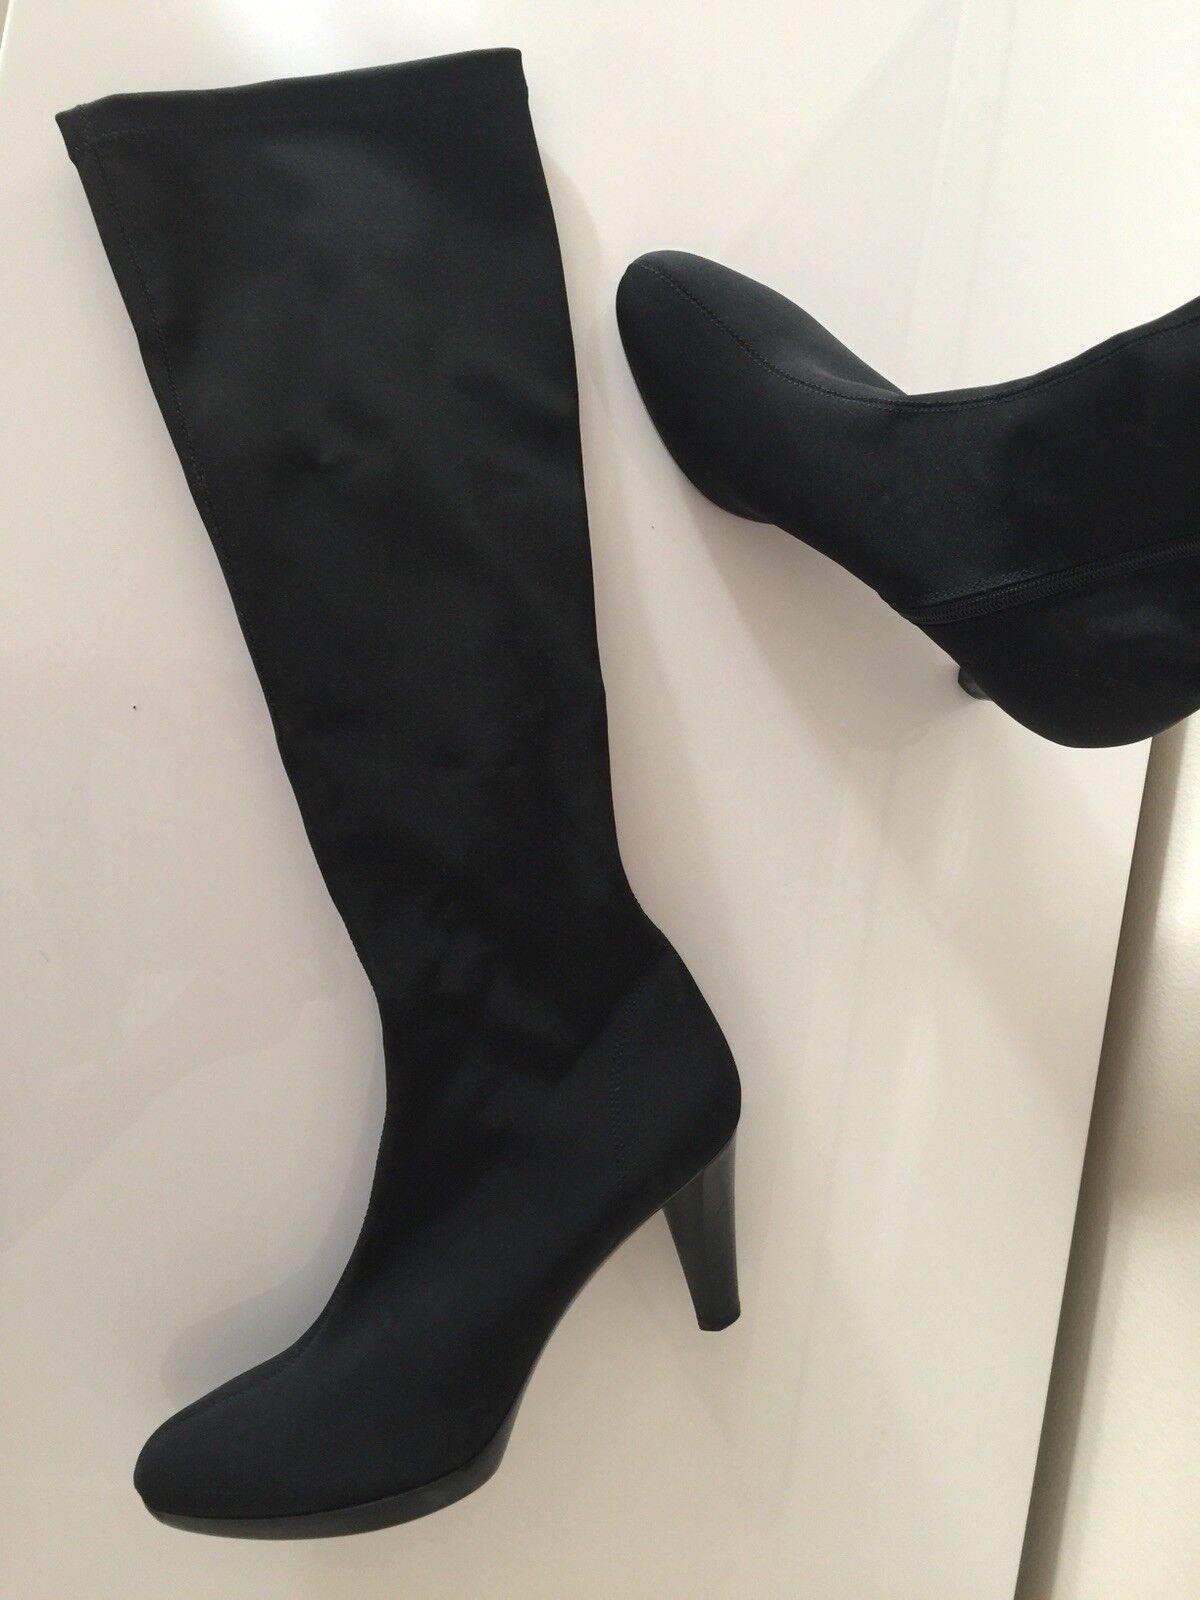 Stiefel mit schmalem schwarz, elastischem Schaft von Rapisardi, schwarz, schmalem Grösse 41 2d7759